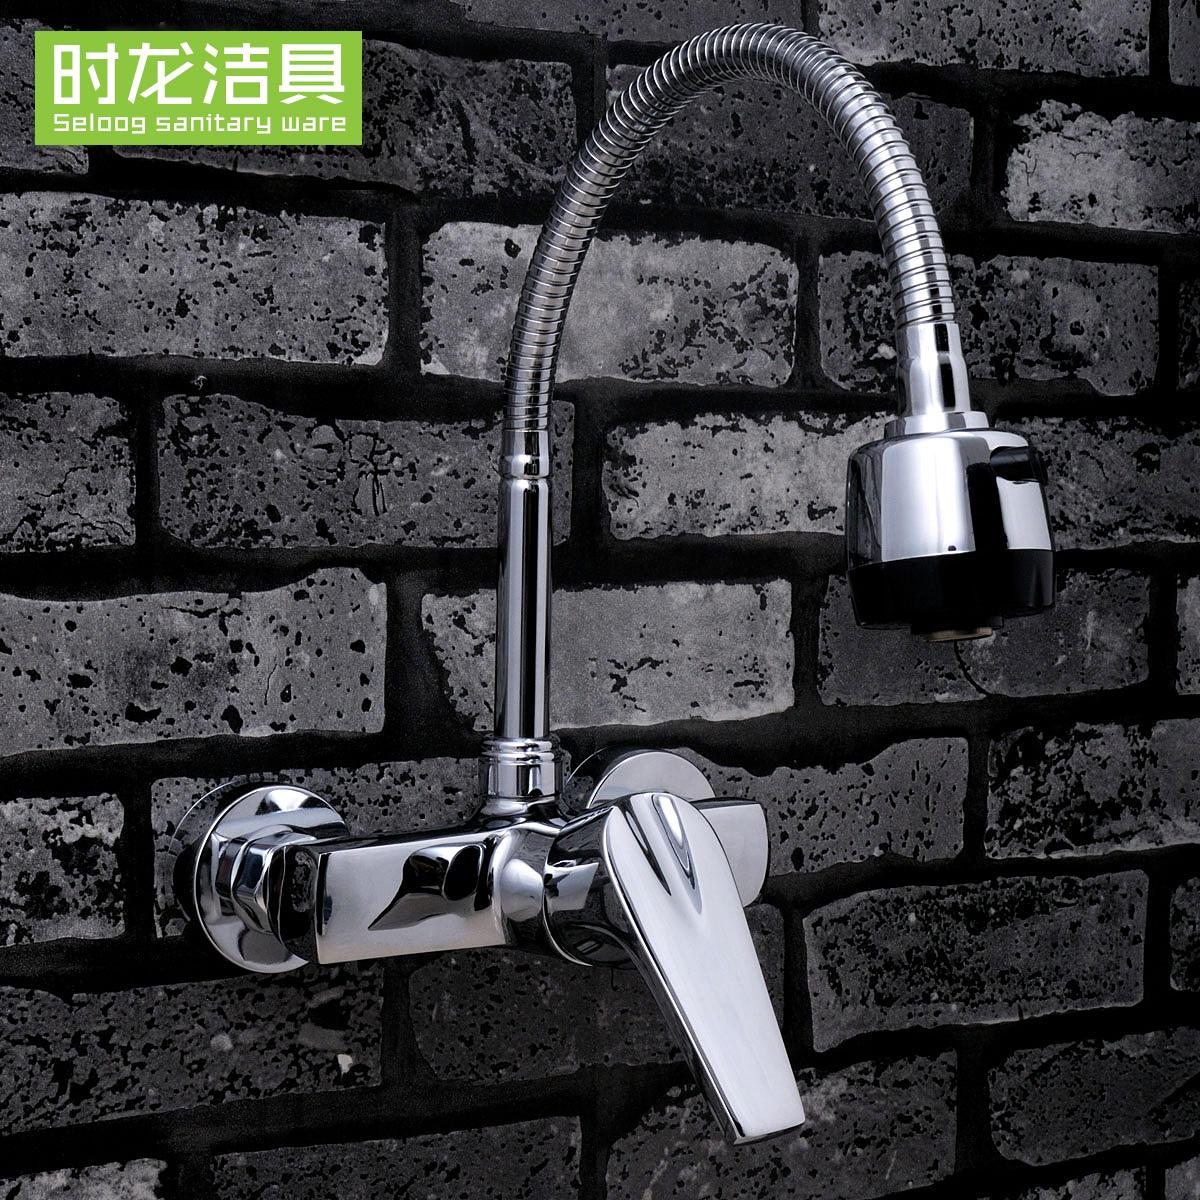 时龙卫浴全铜入墙式冷热水龙头S220005